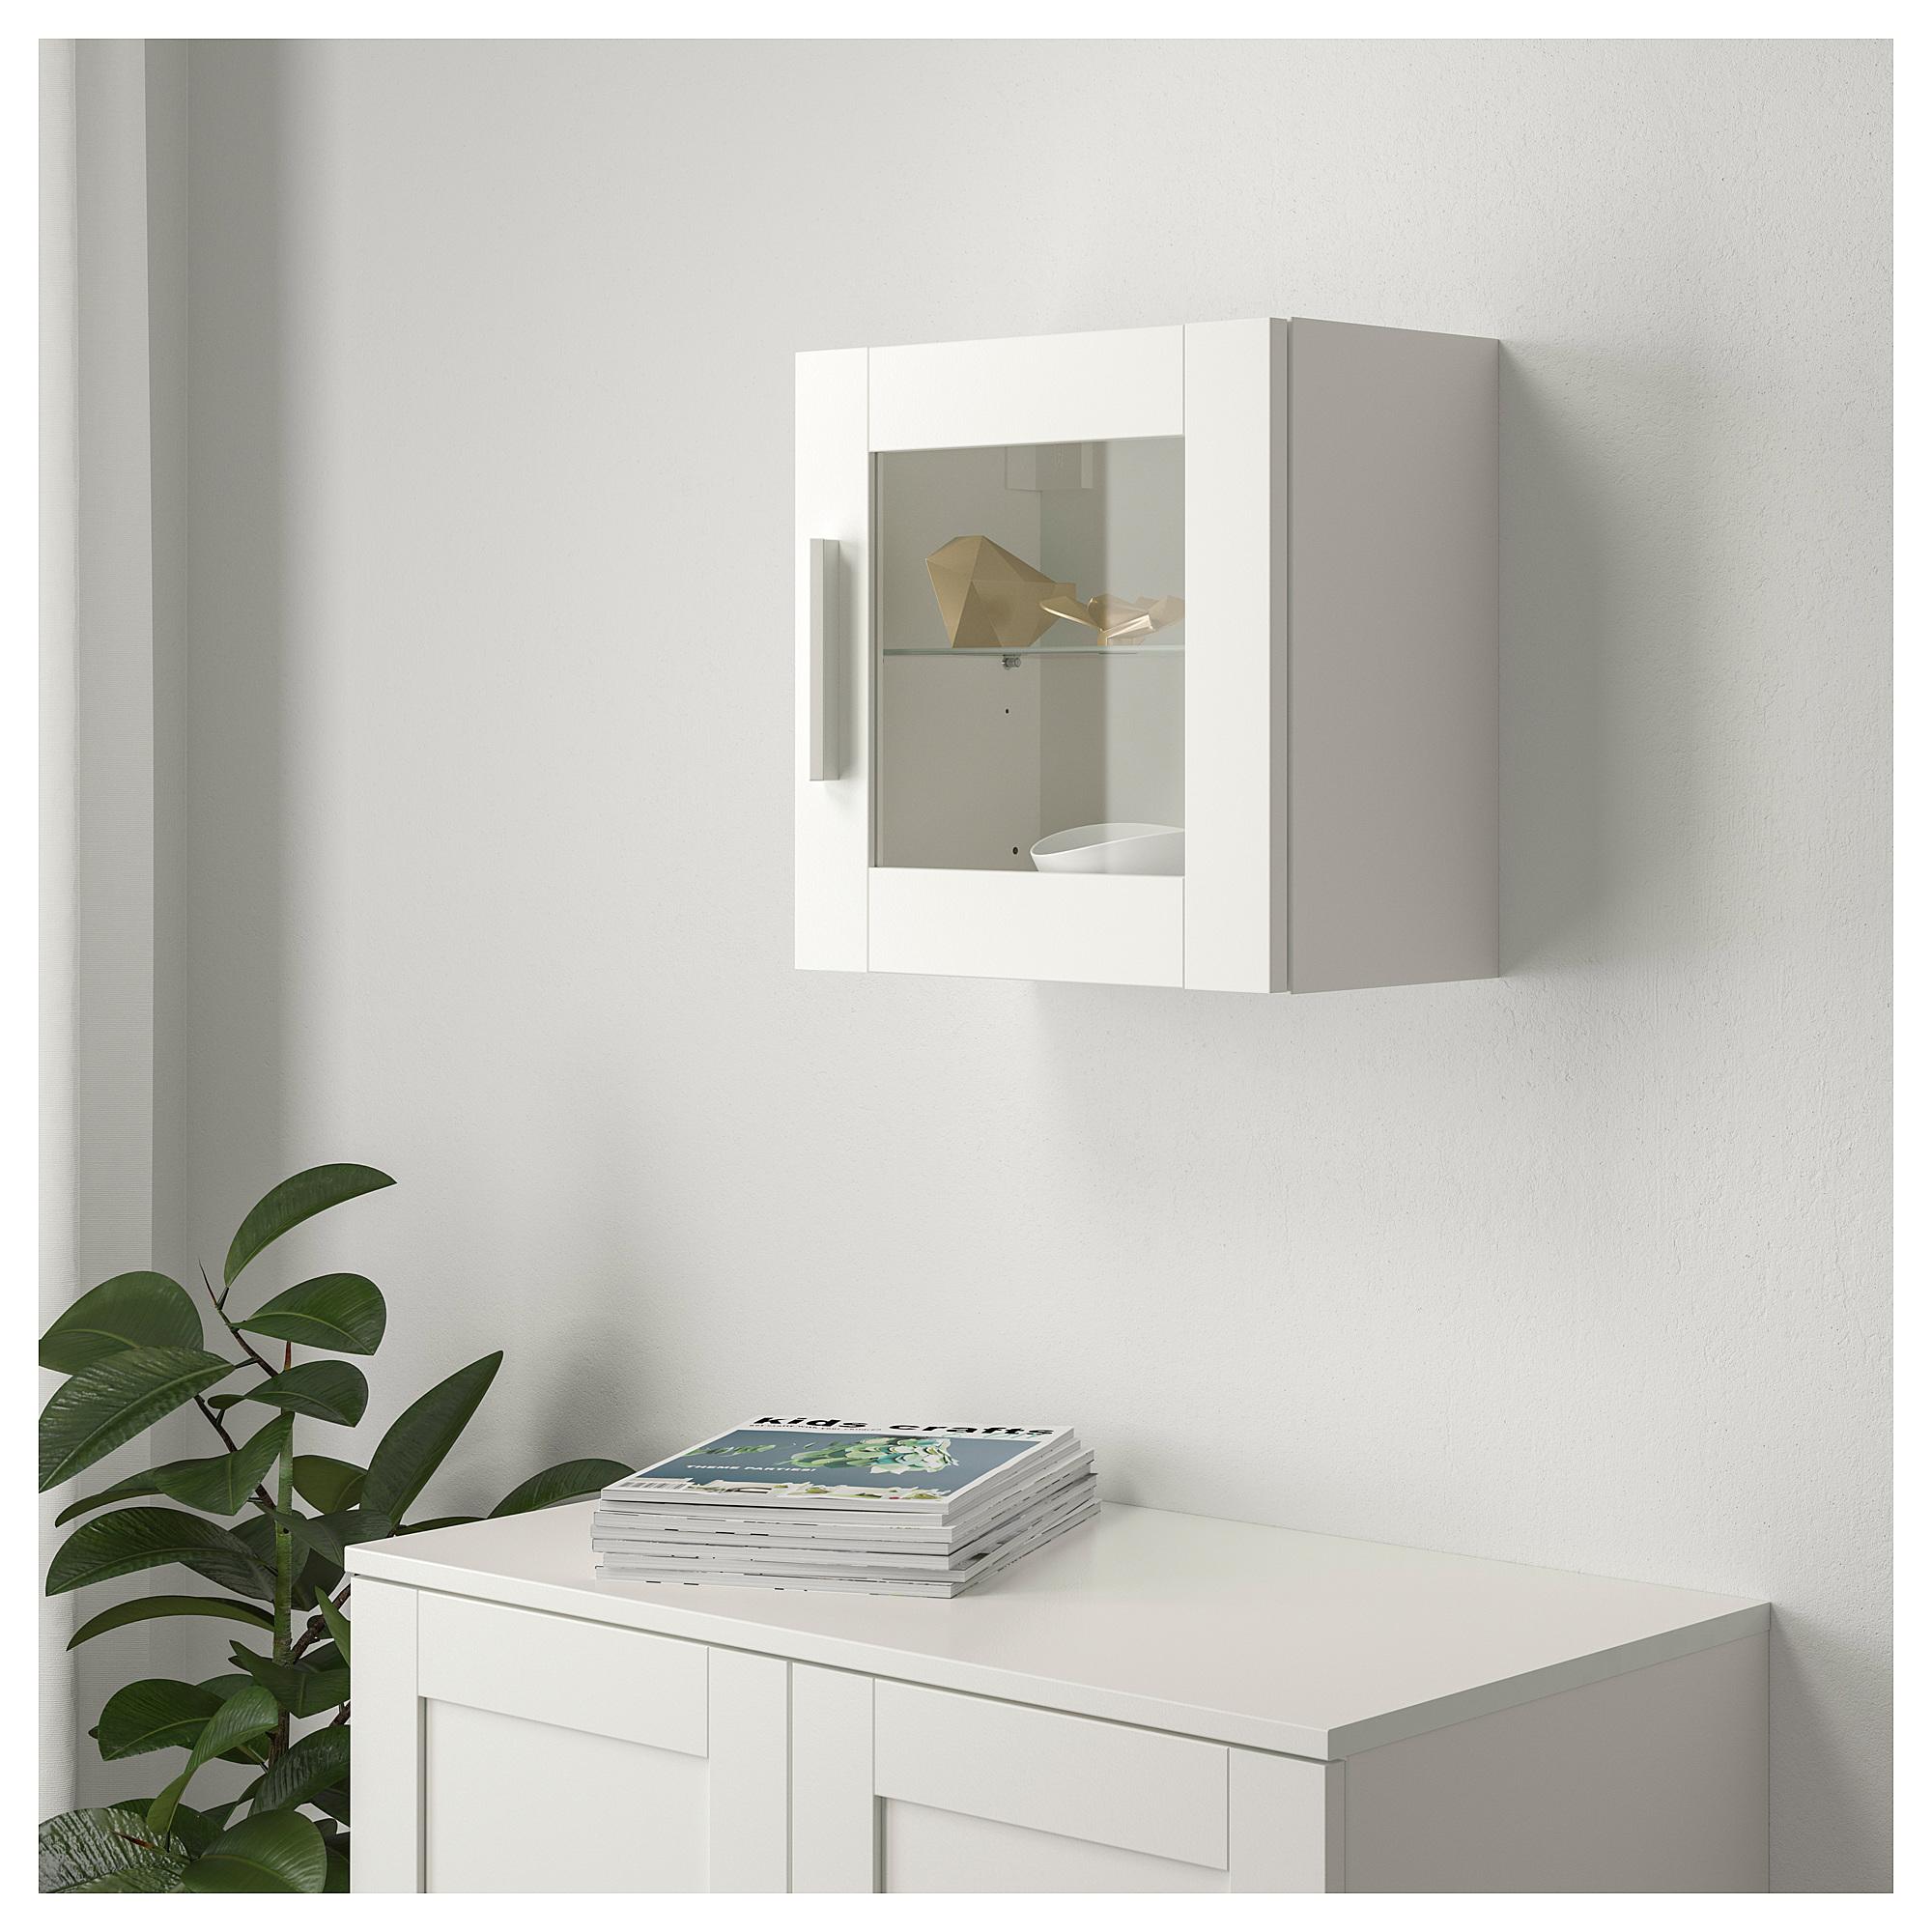 Купить навесной шкаф со стеклянной дверью бримнэс, белый в и.